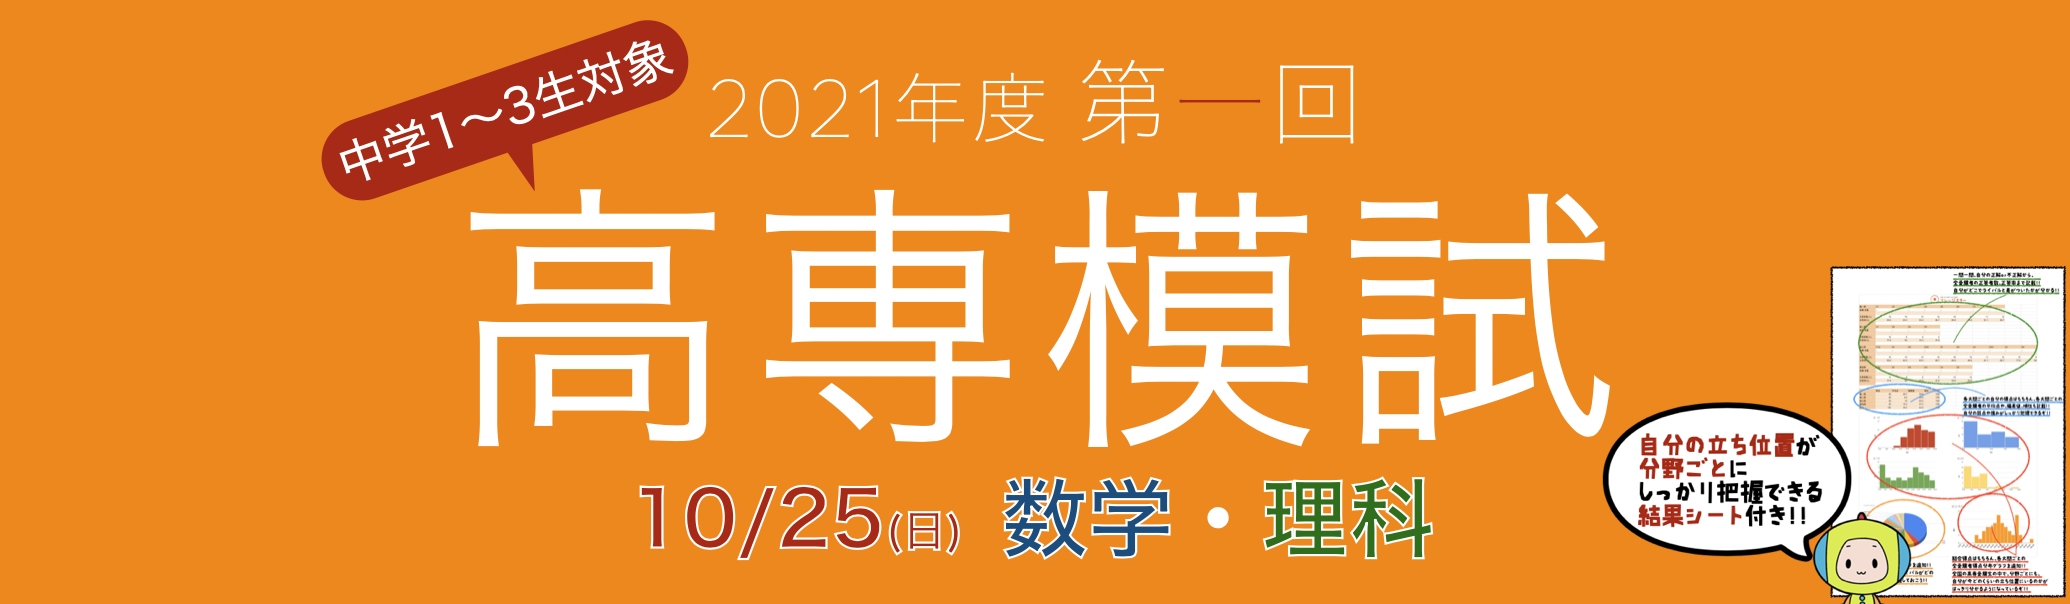 スクリーンショット 2020-10-12 12.44.41